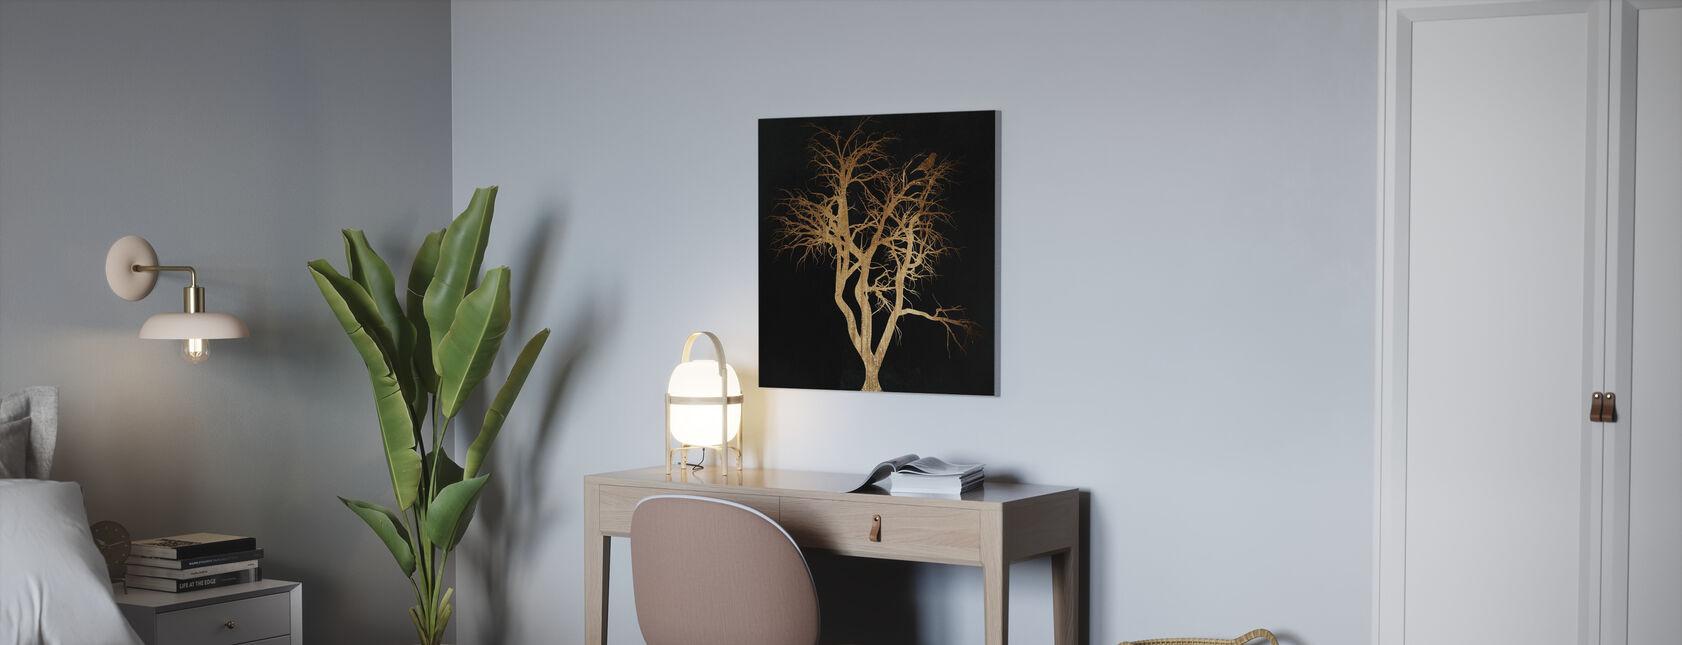 Fairytale - Canvas print - Office